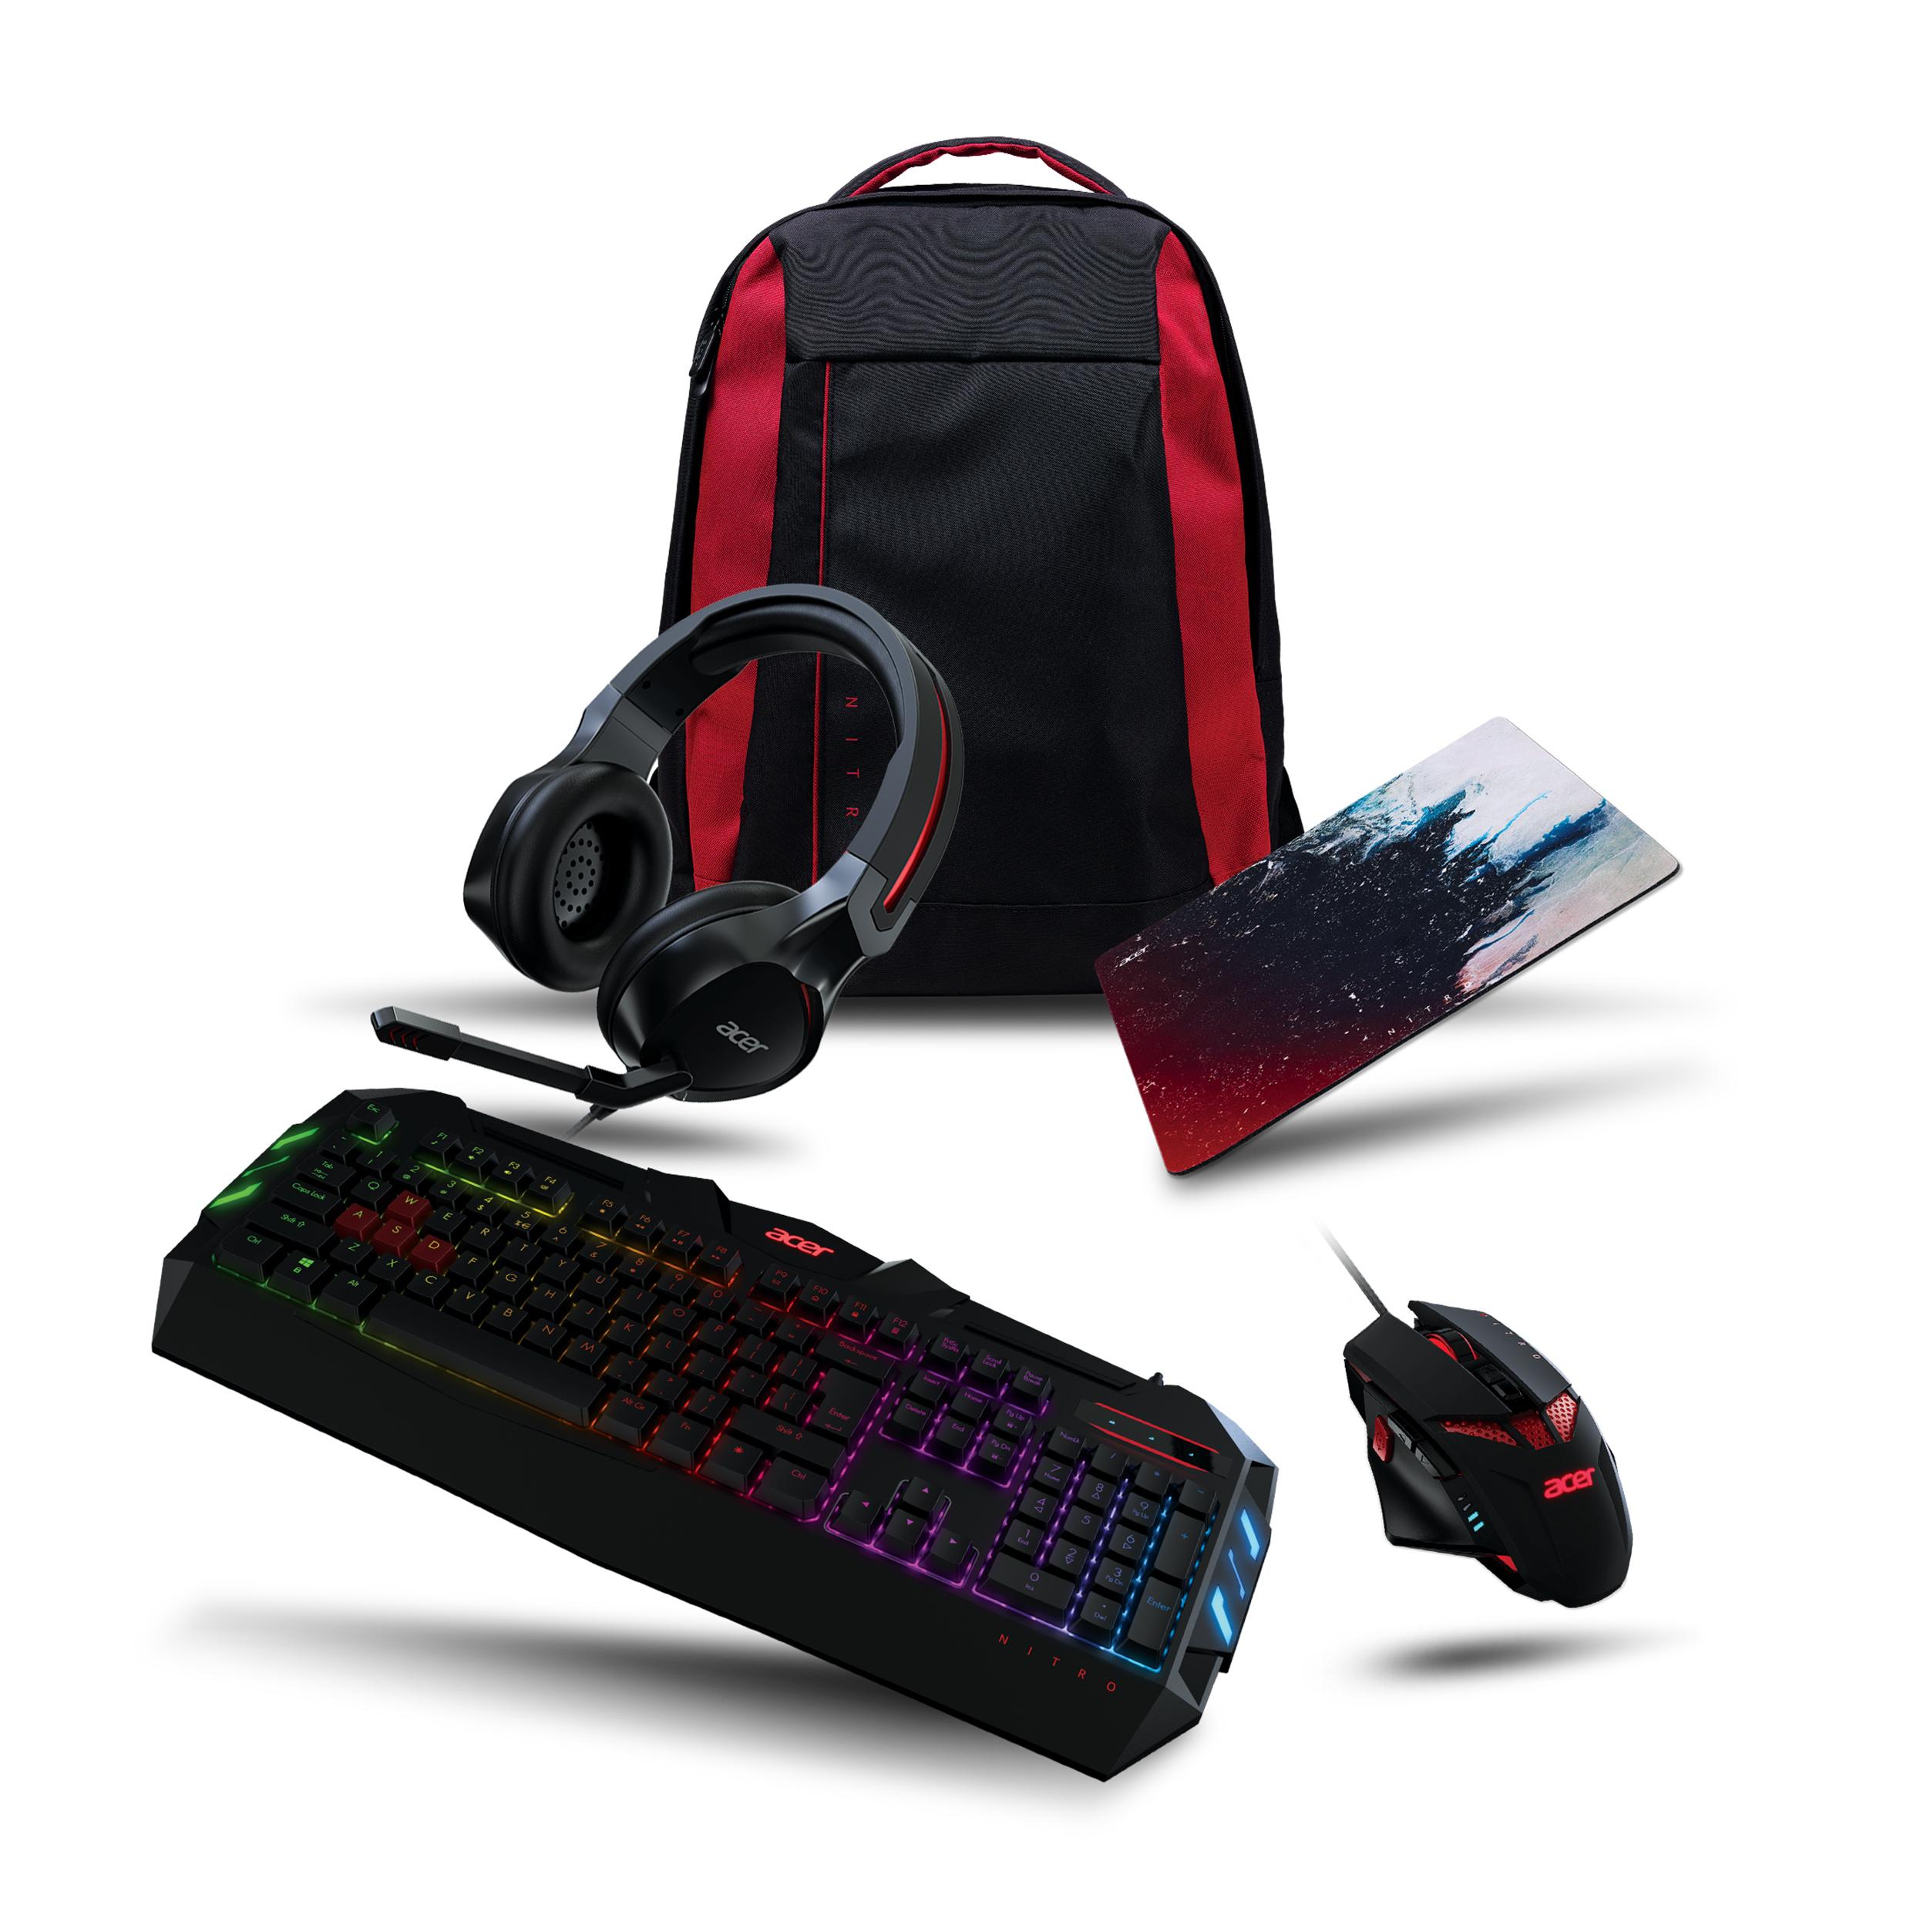 99eaced86c91 Az Acer gaming tartozékokat és kiegészítőket is leleplezett, íme a  felhozatal: